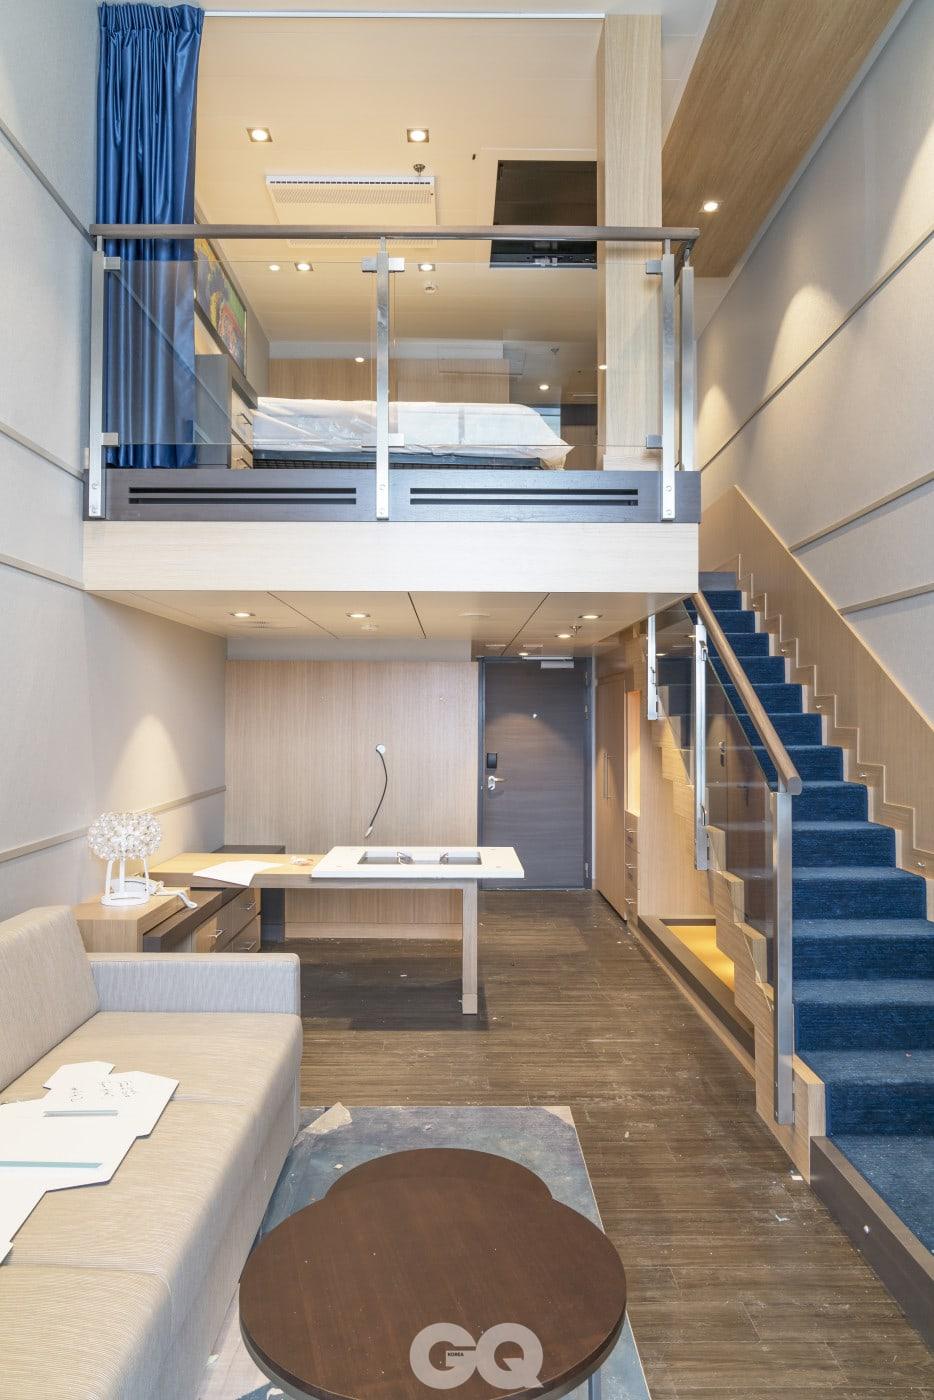 '심포니 오브 더 시즈' 호에는 51제곱미터 넓이의 복층형 크라운 로프트 스위트룸이 27개 있다.